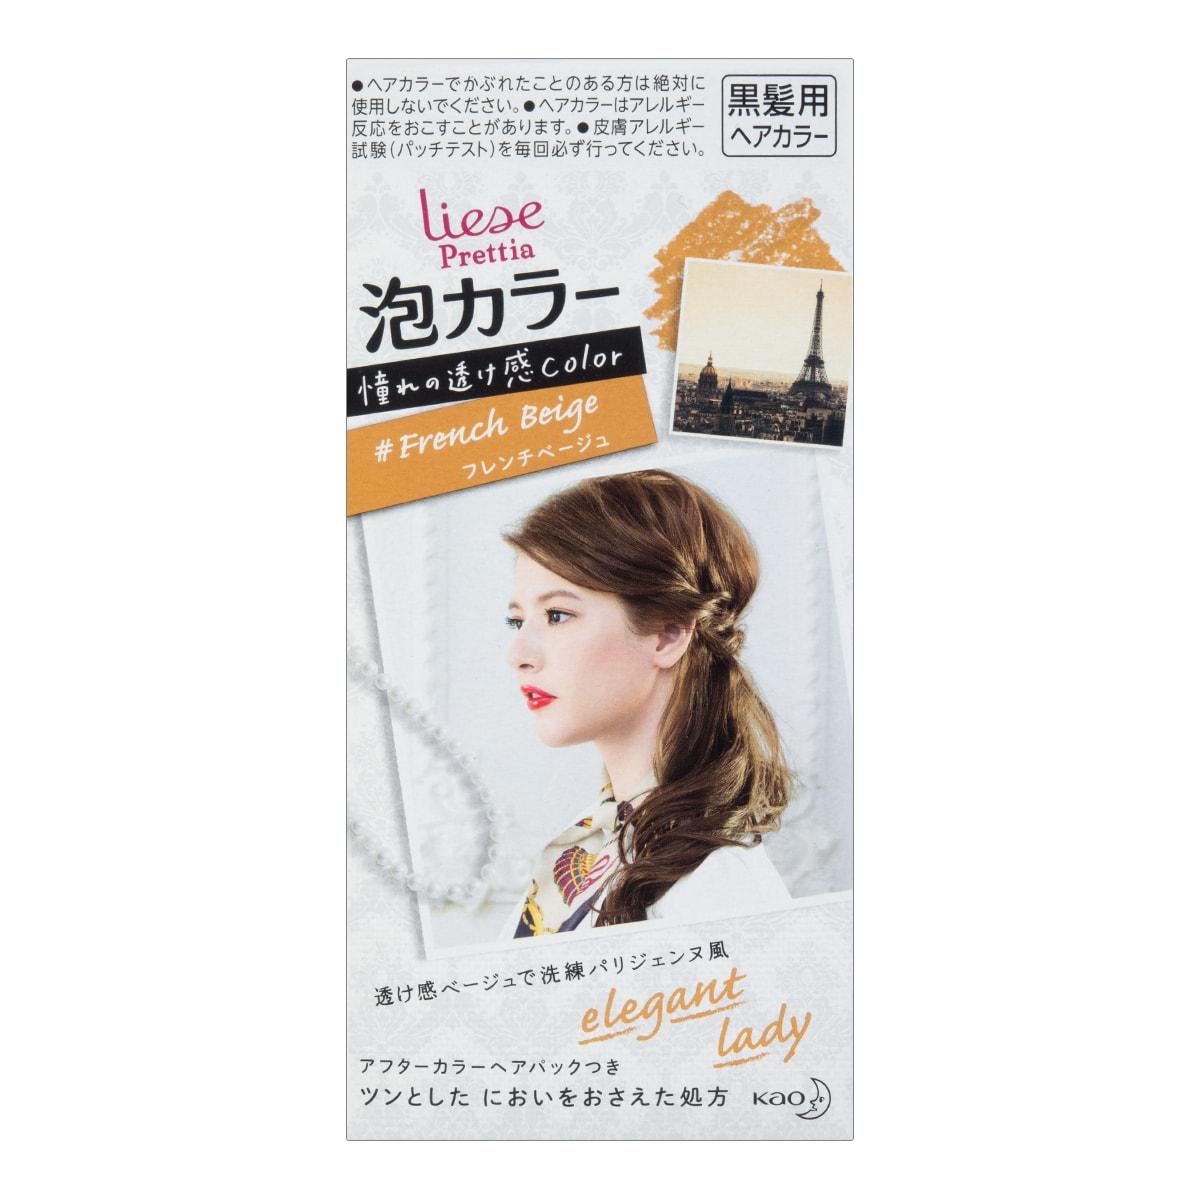 日本KAO花王 LIESE PRETTIA 泡沫染发剂 #法国糖果米色 单组入